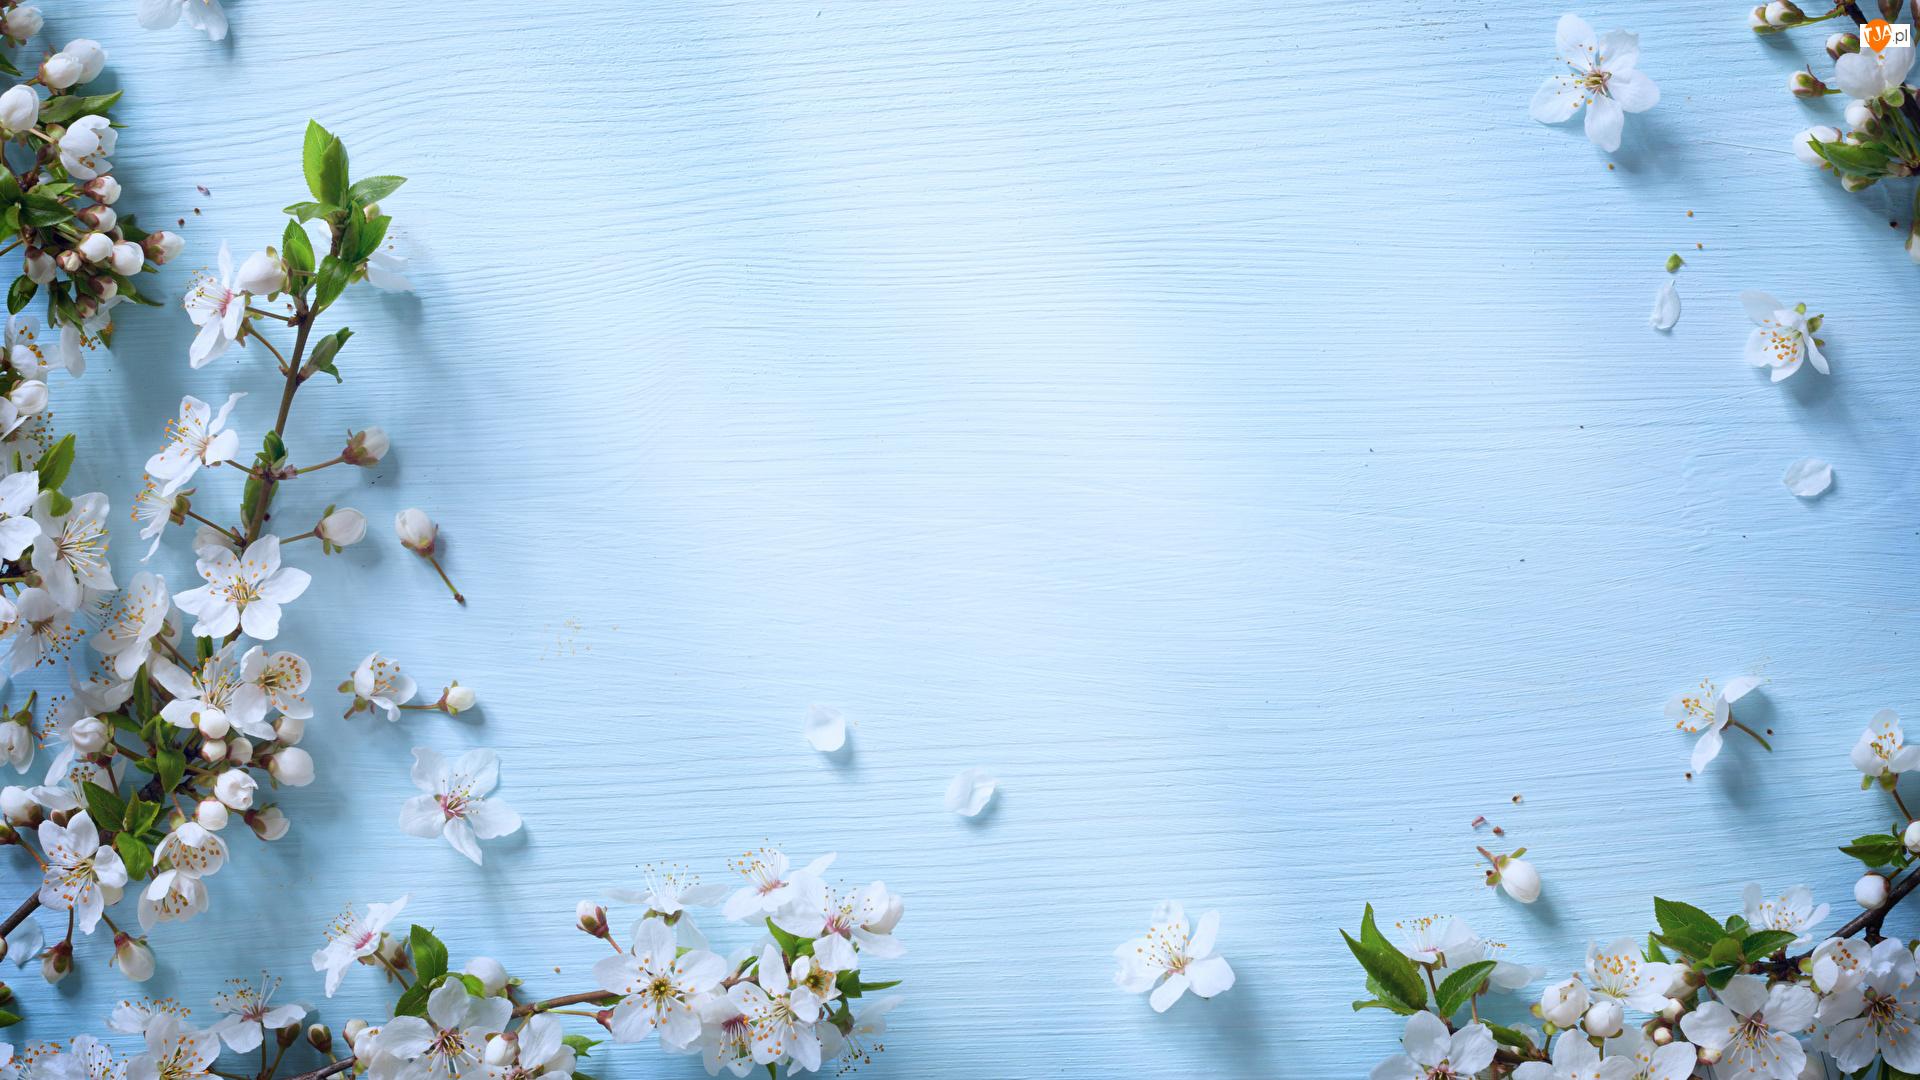 Białe, Niebieskie tło, Gałązki, Kwitnące, Kwiaty